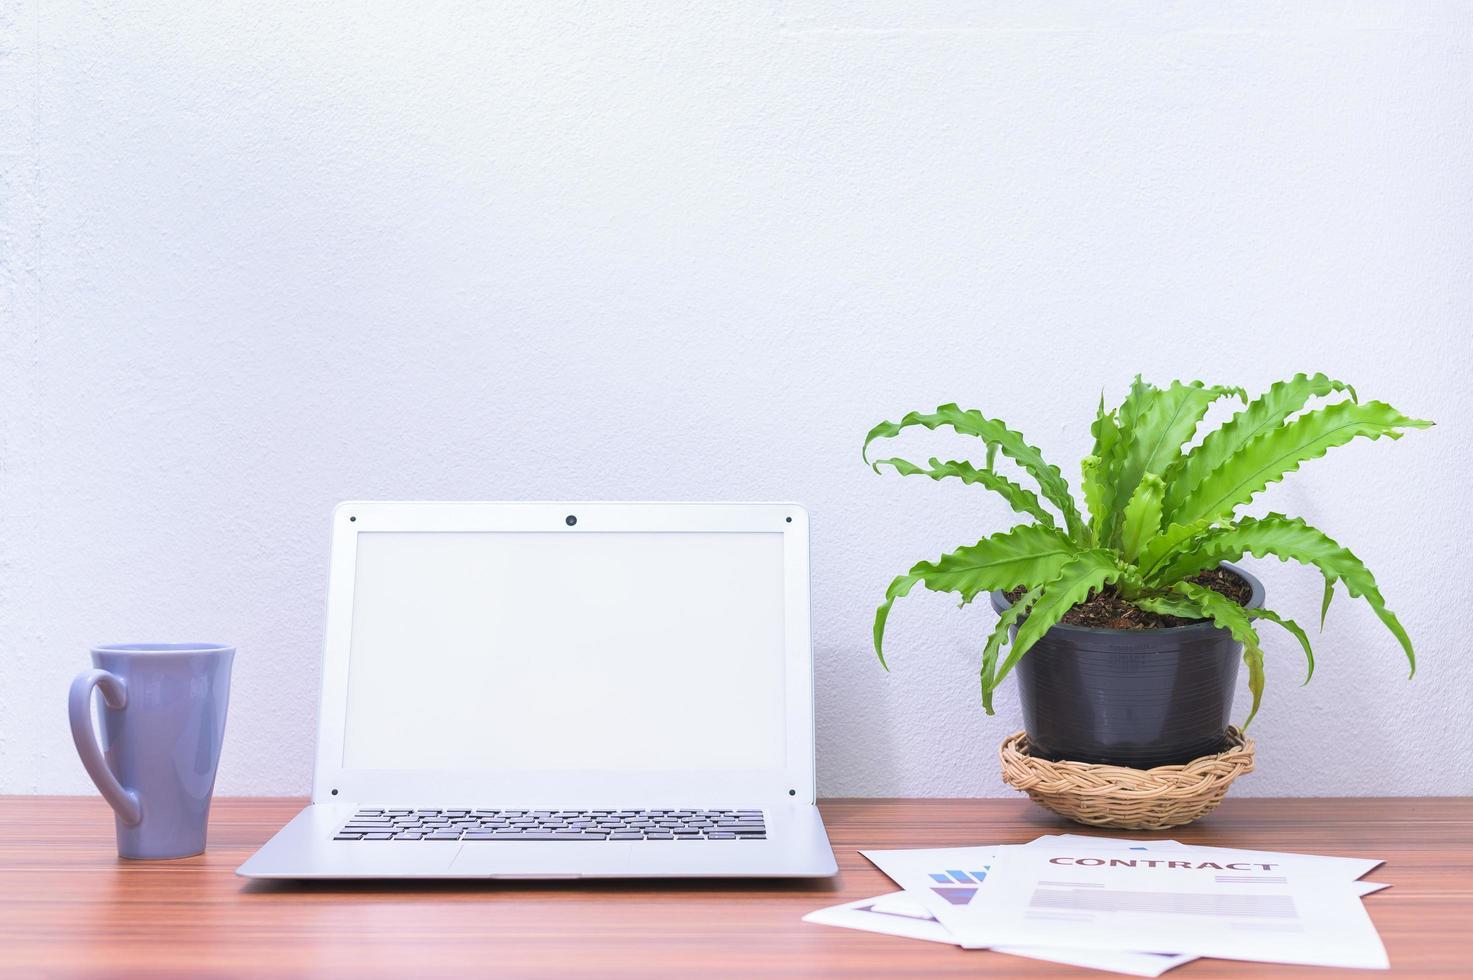 computer portatile e fiore sulla scrivania foto